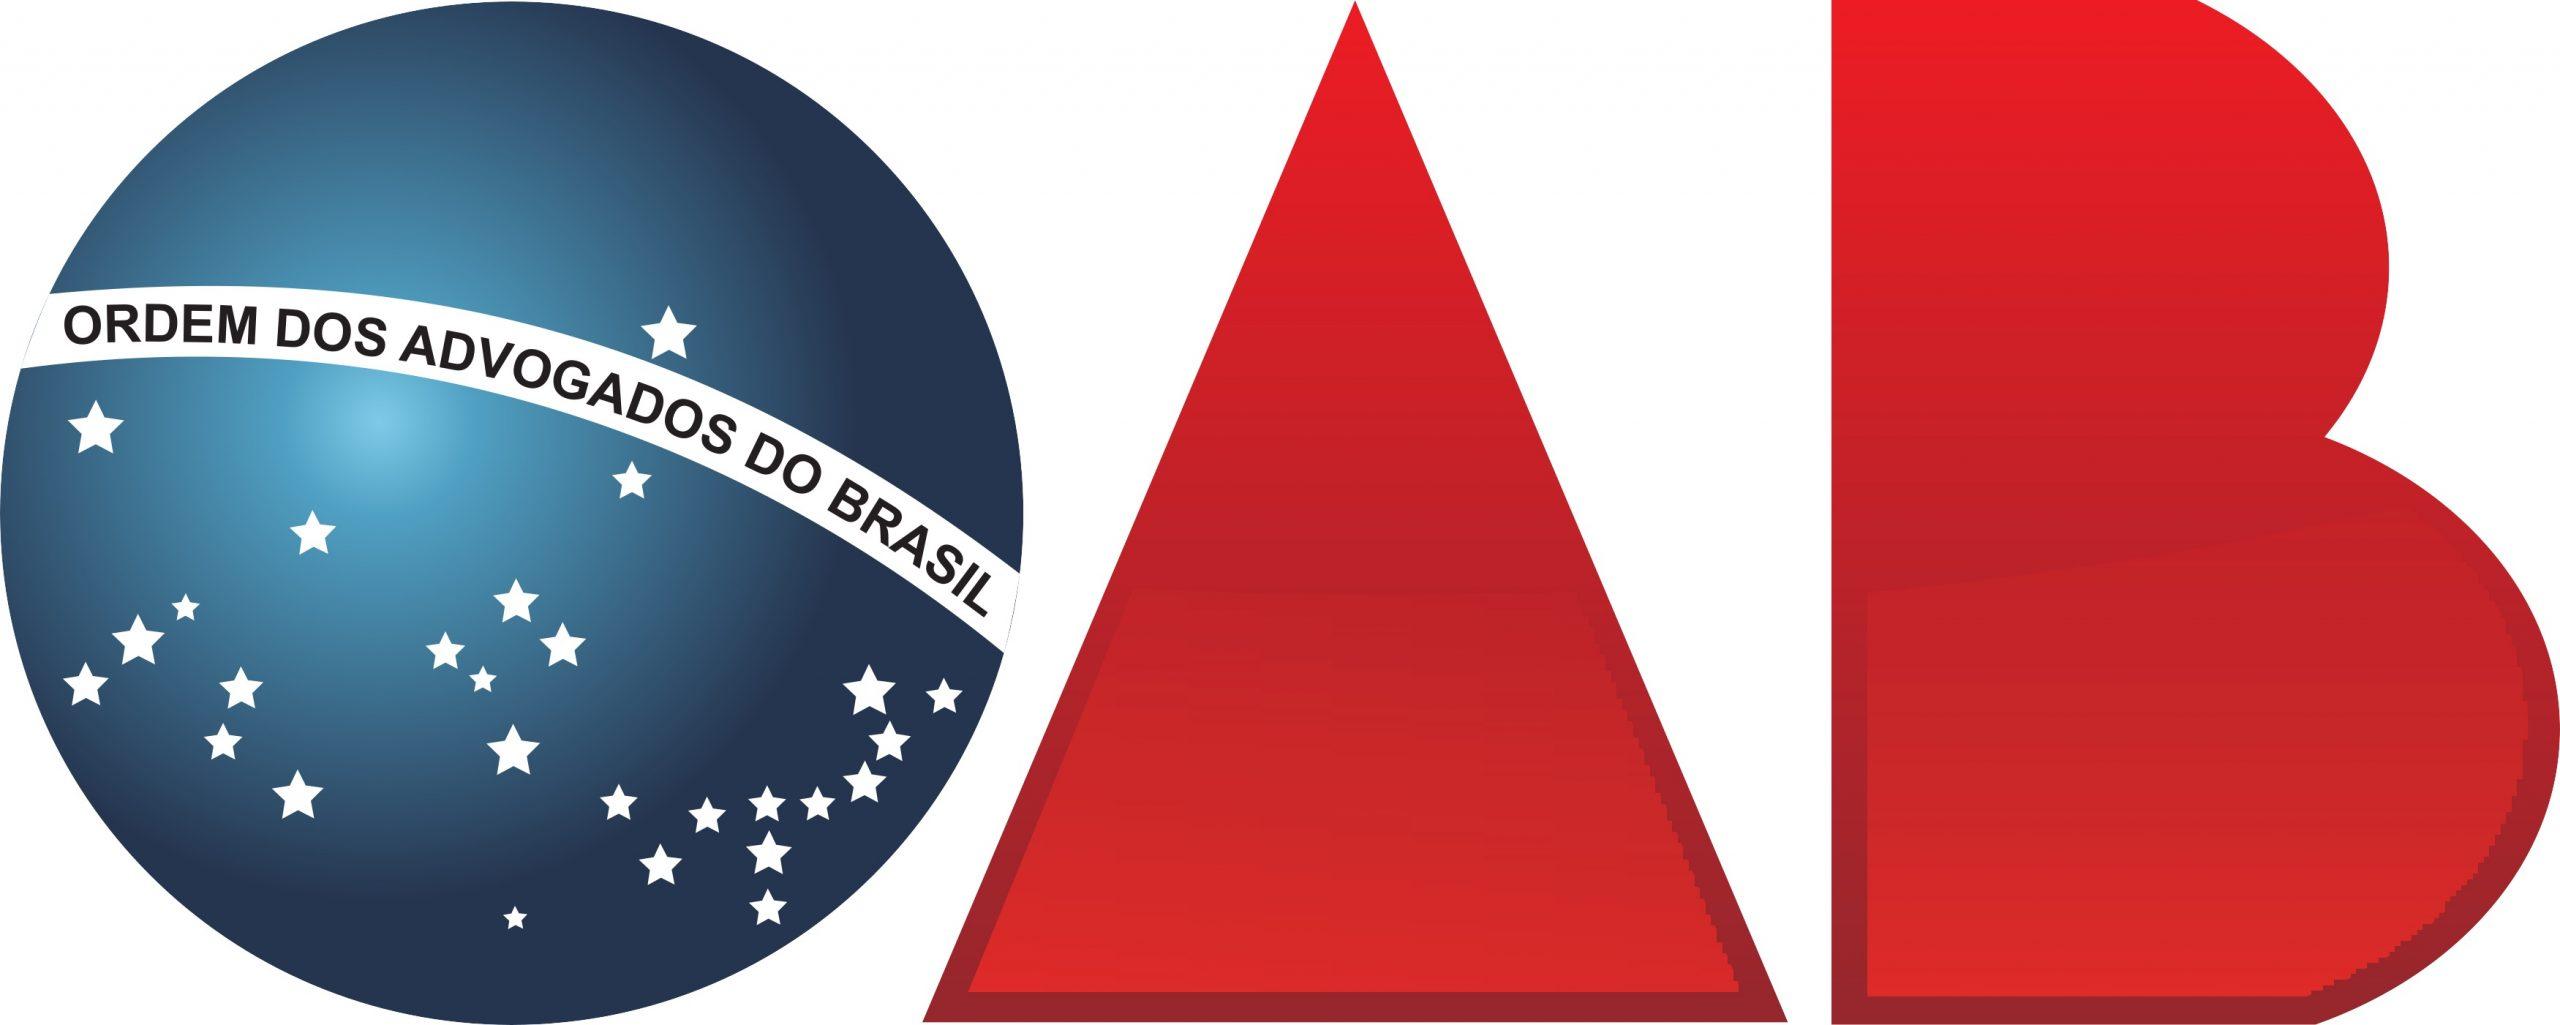 Inscrição OAB 2021